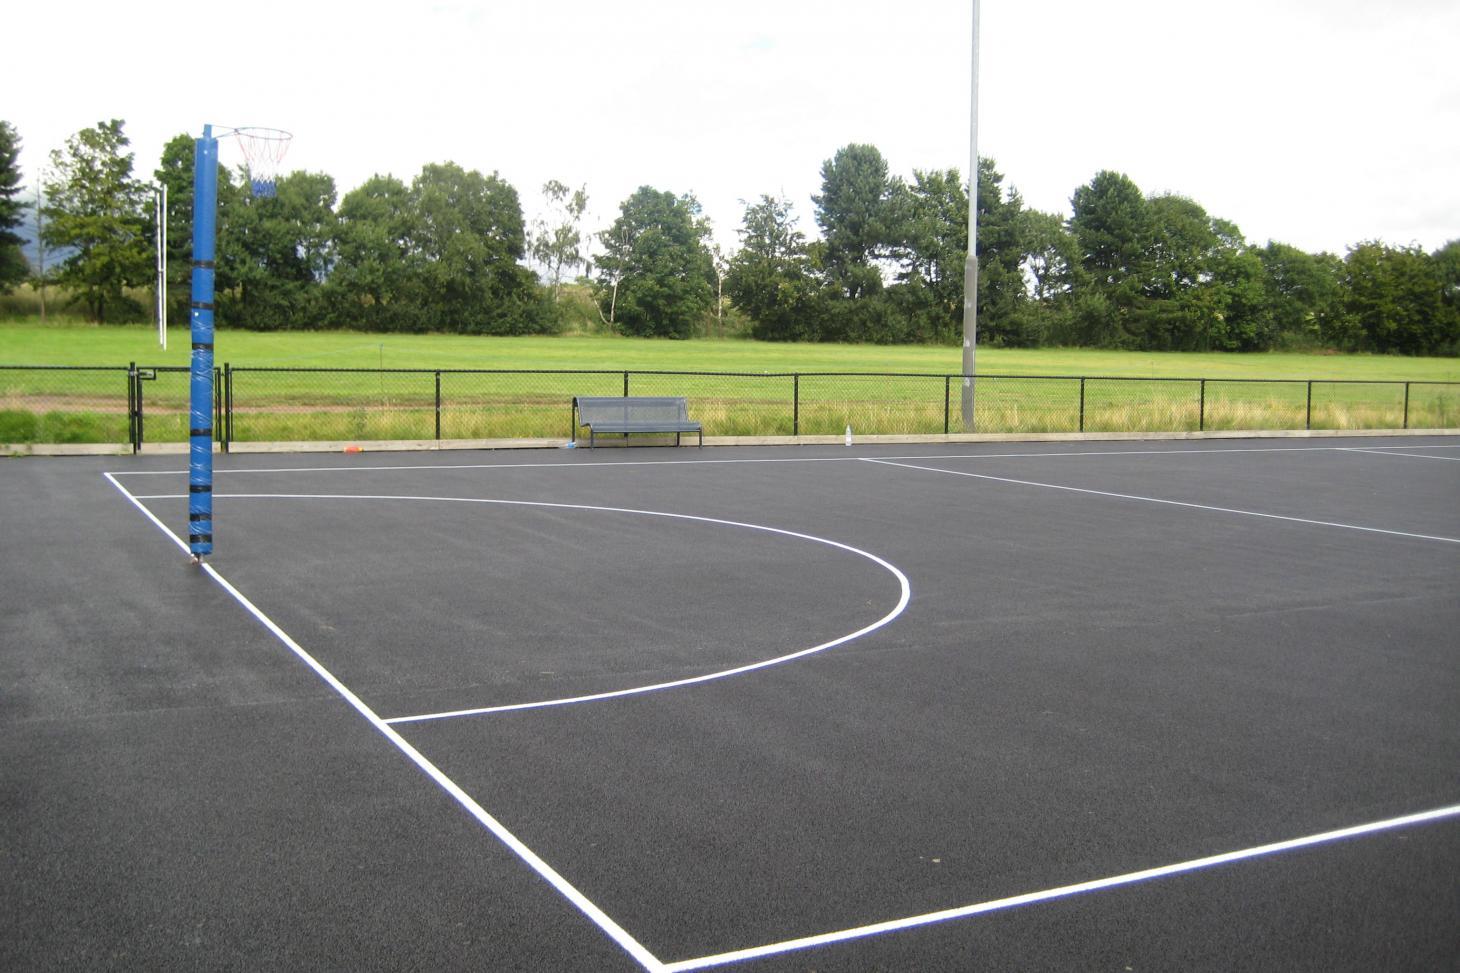 Coram's Fields Outdoor | Hard (macadam) netball court